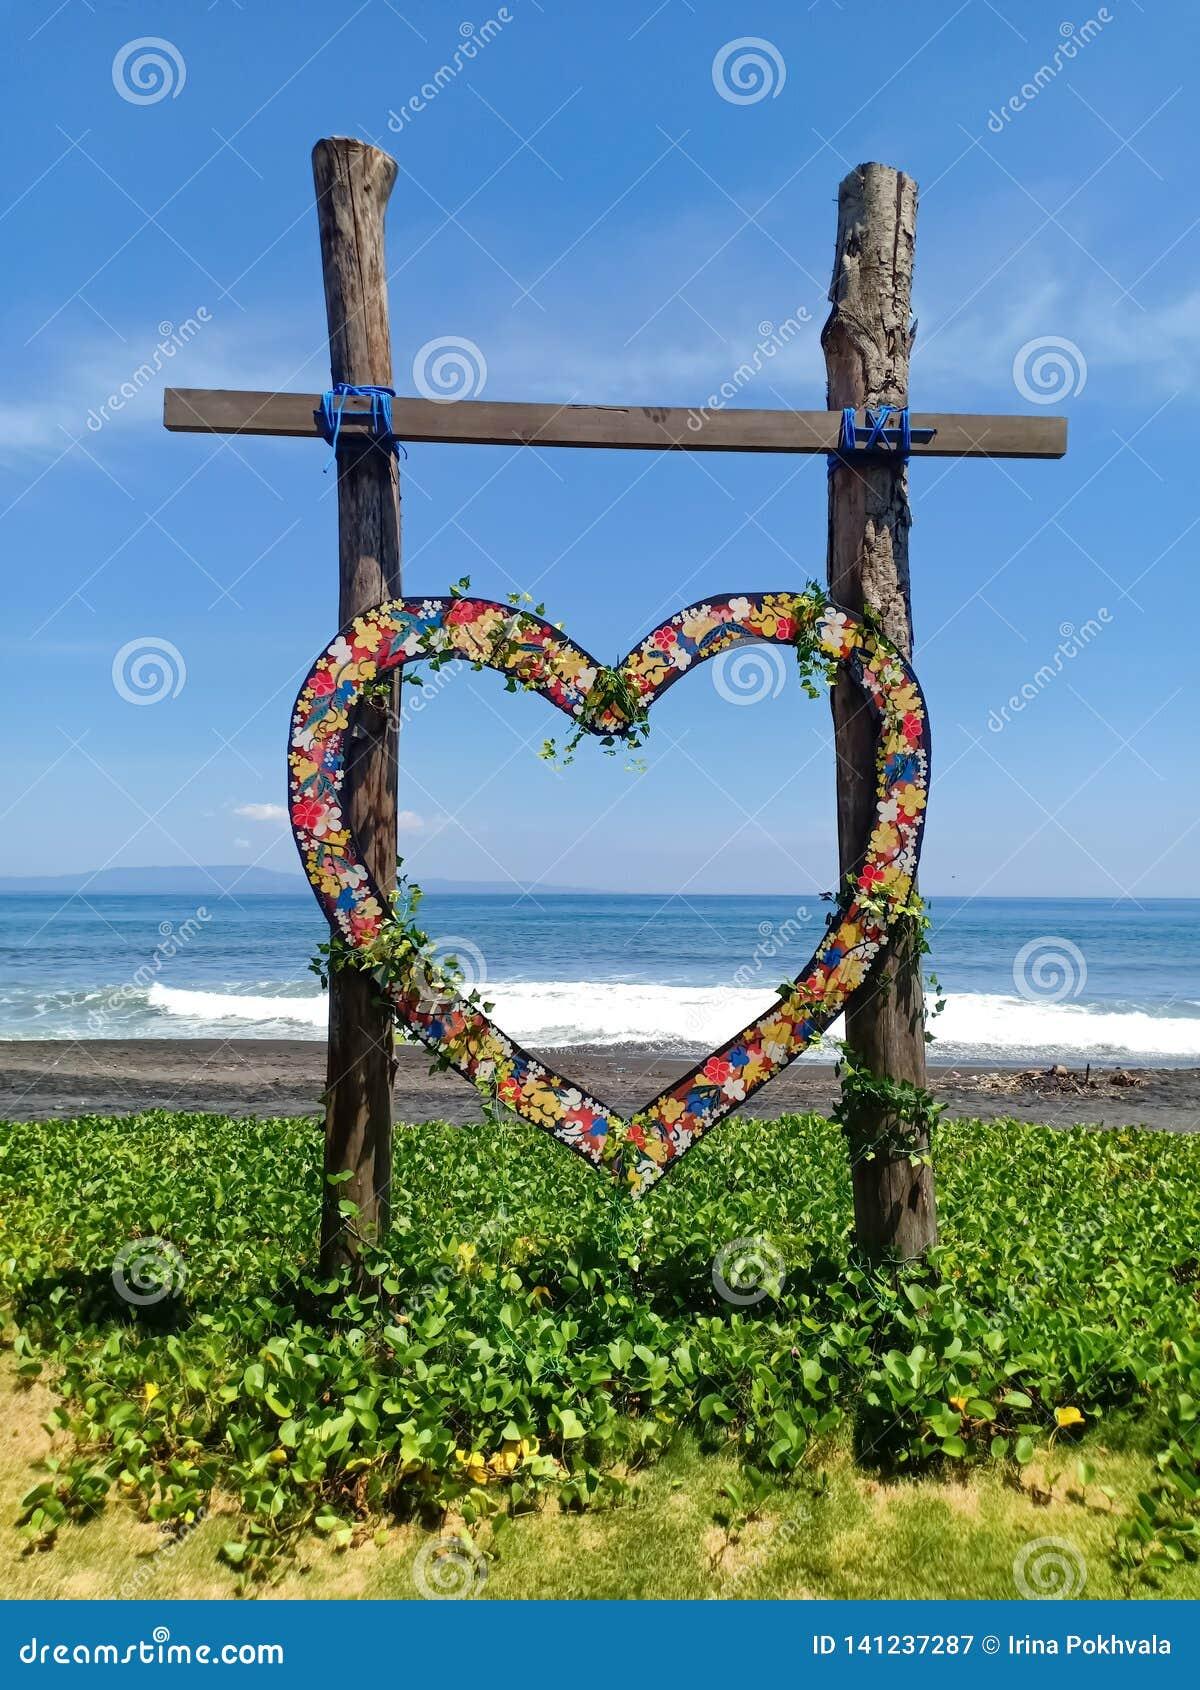 Condolencia de madera en forma de corazón para casarse, en la playa de la isla de Bali, Indonesia